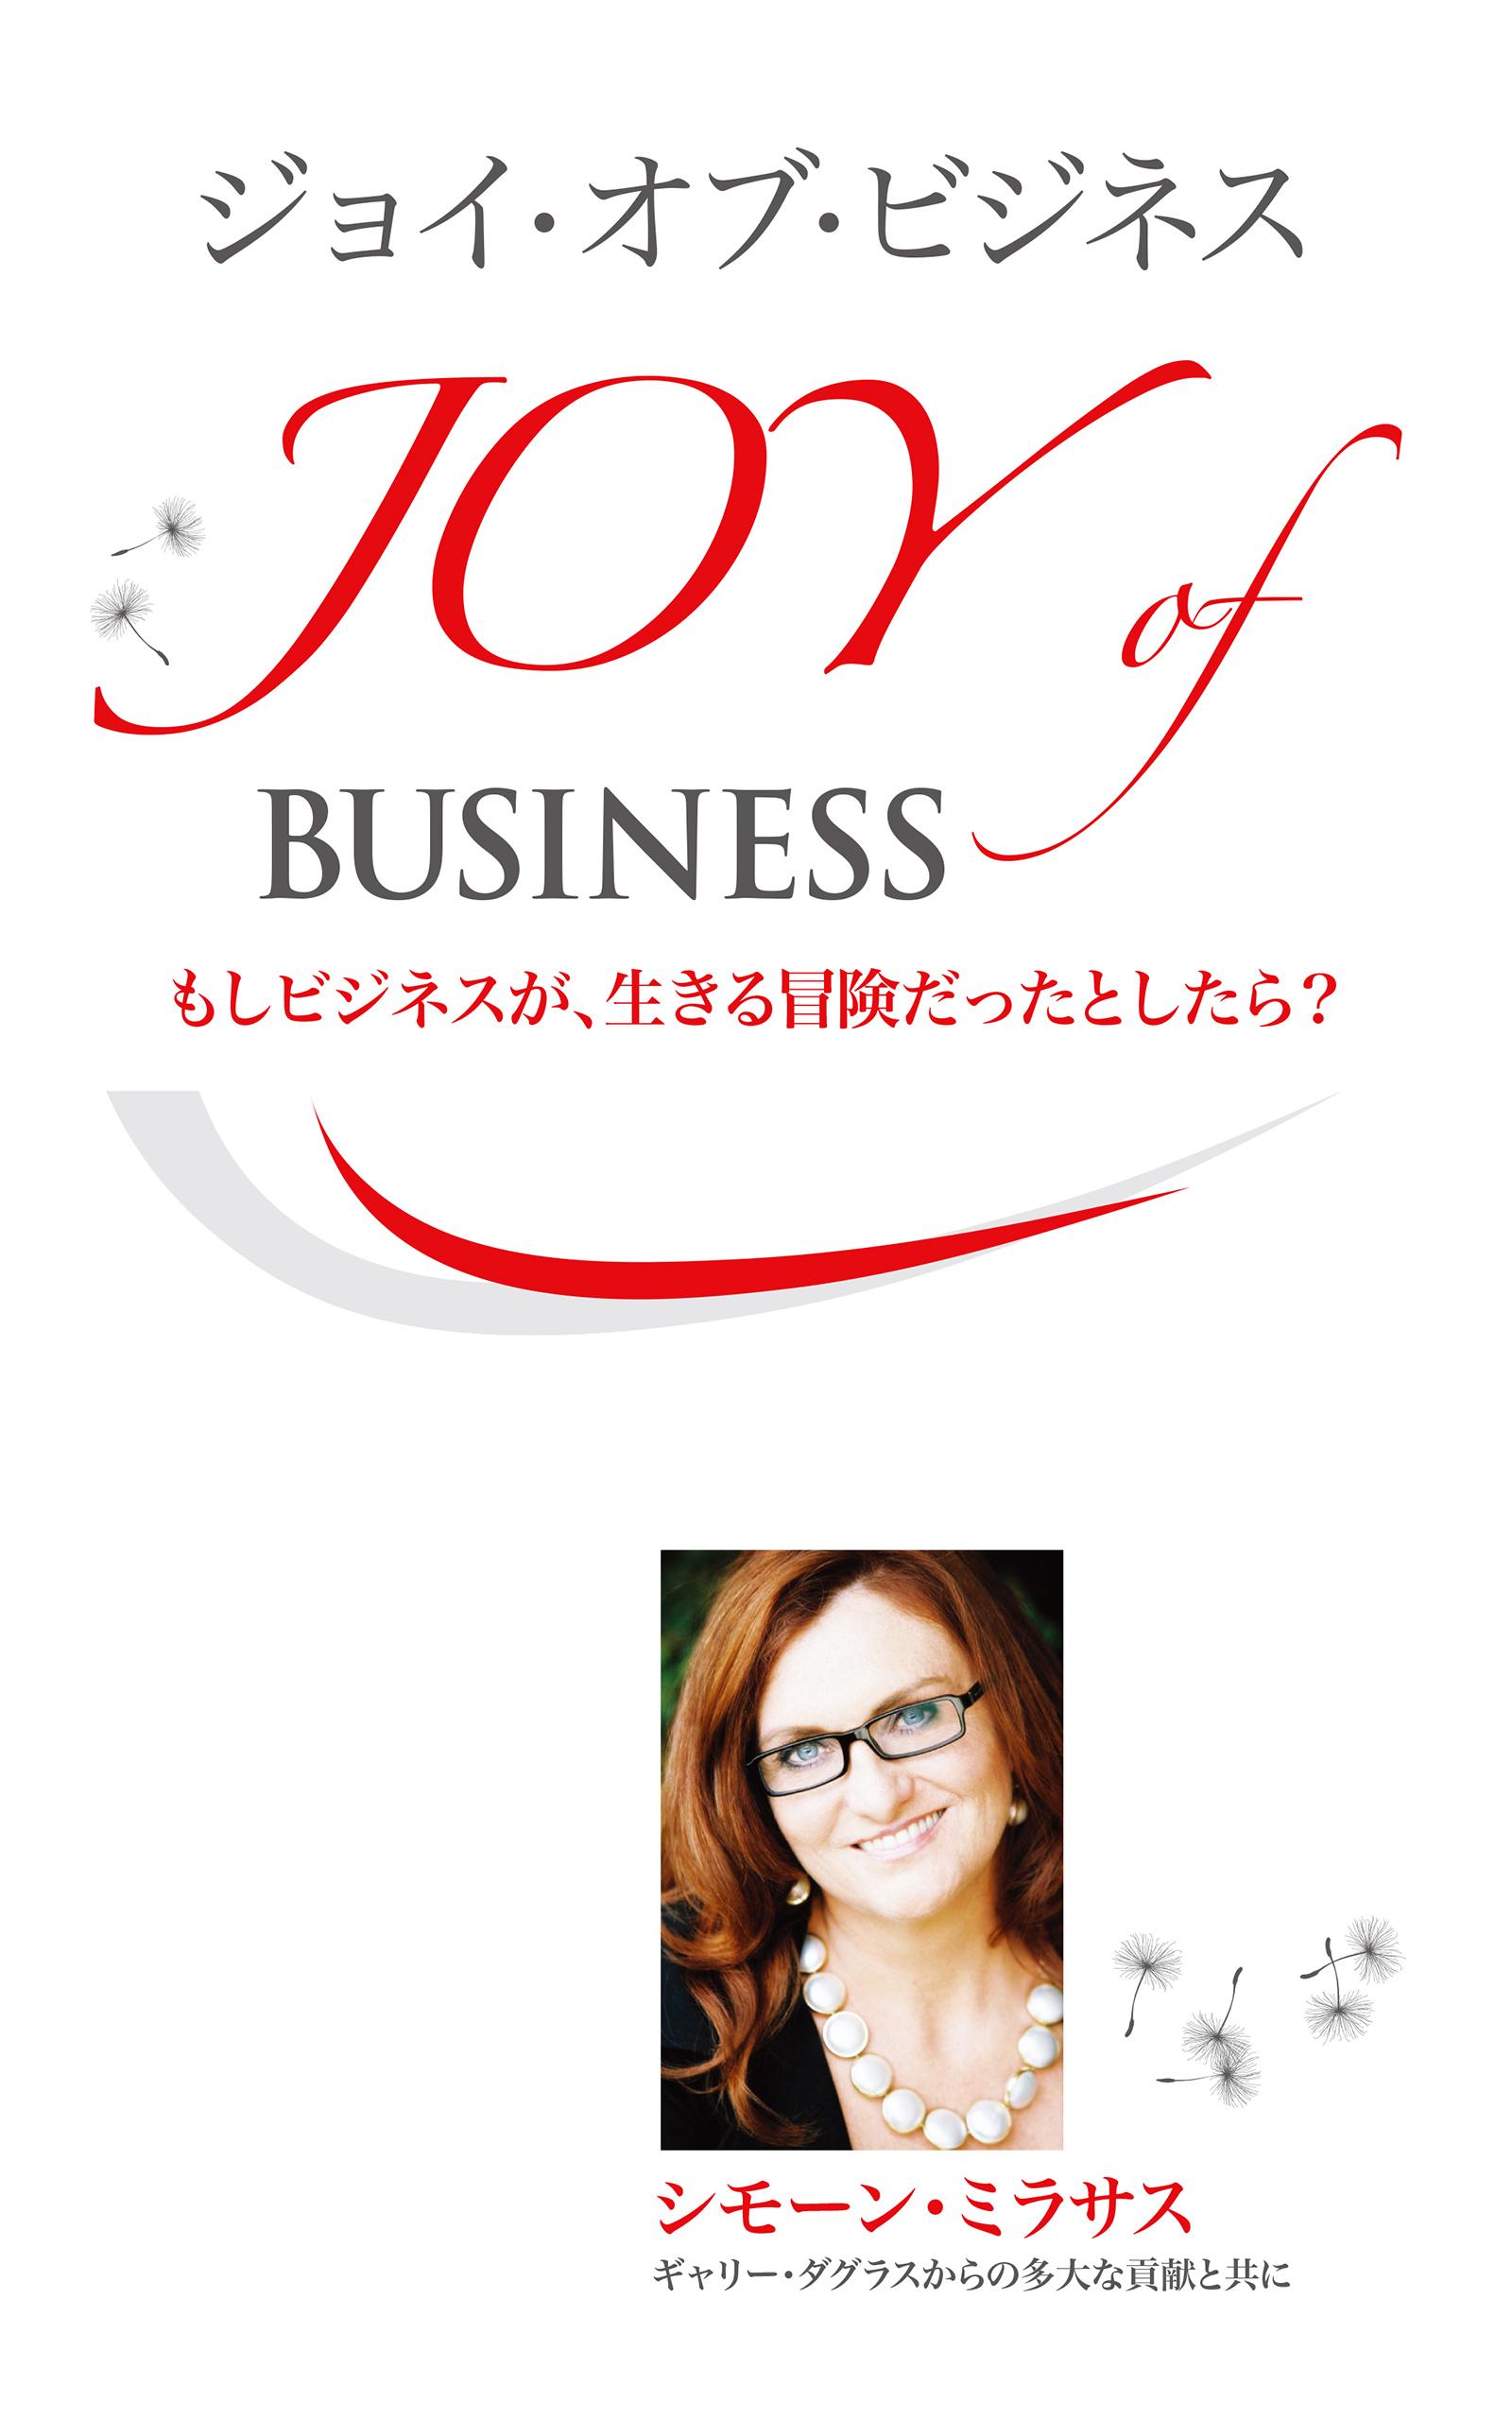 ジョイ・オブ・ビジネス シ (Joy of Business - Japanese version)